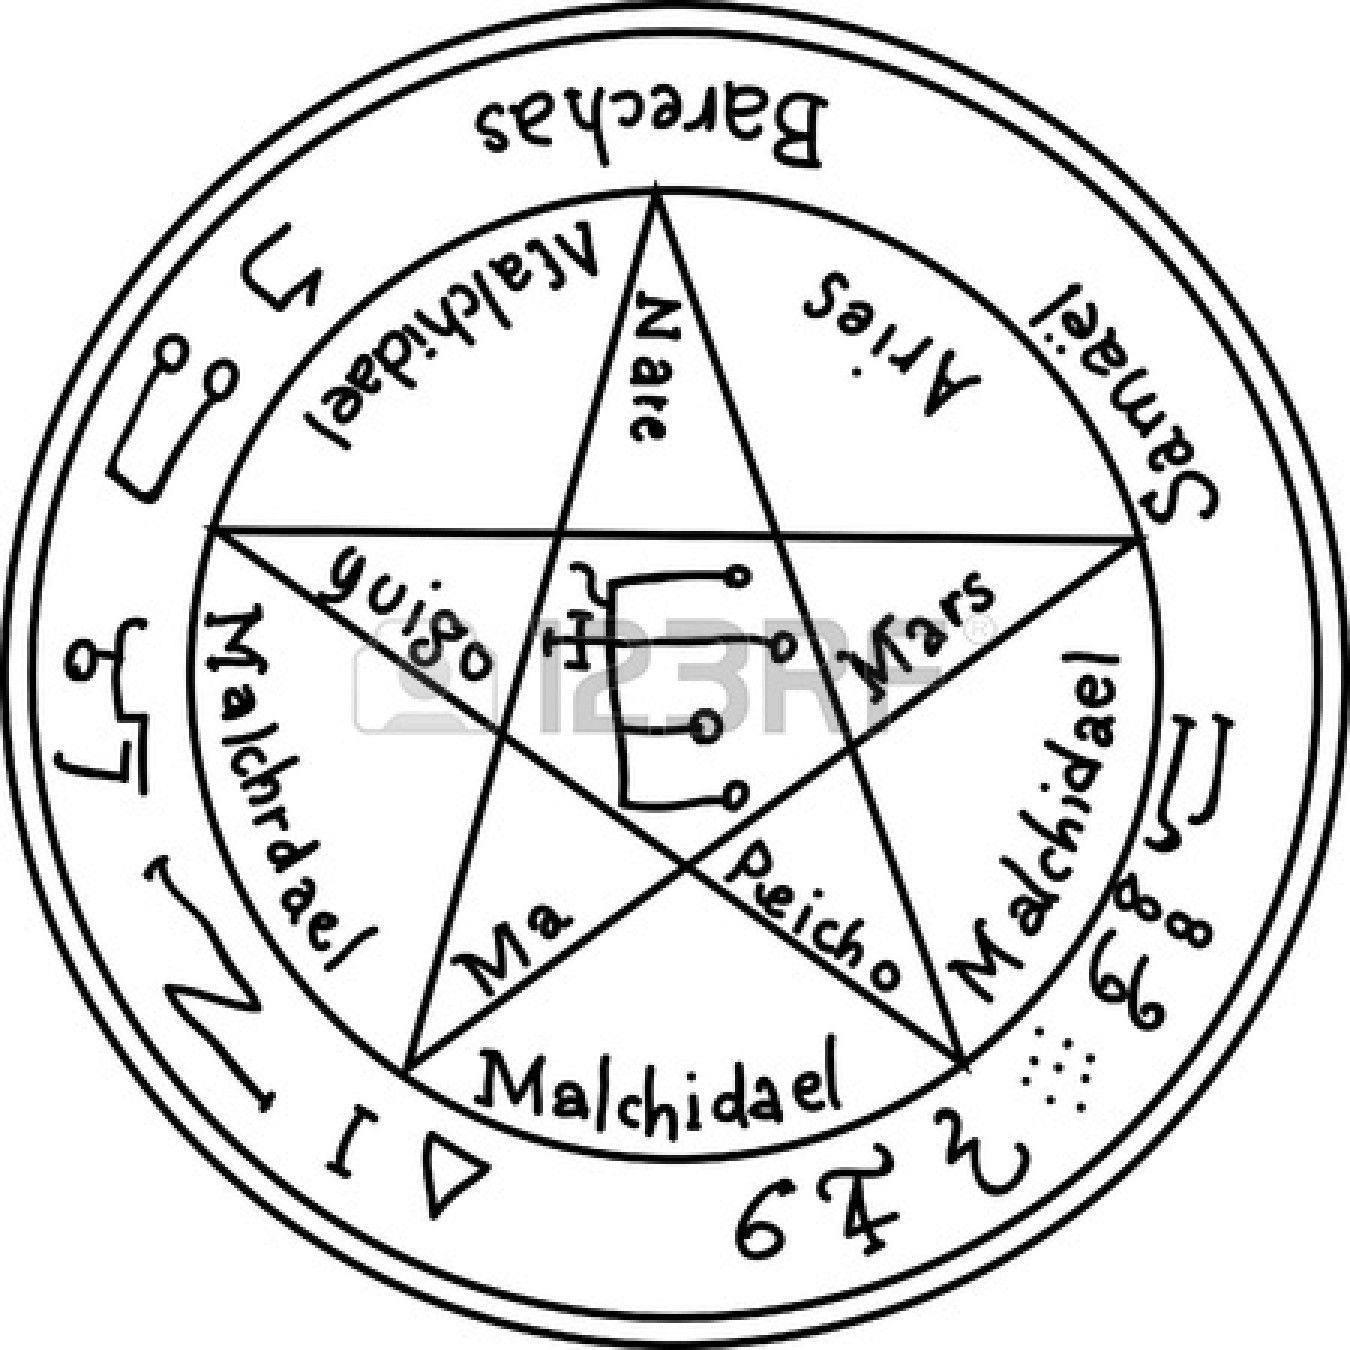 11646427 occult ancient magic symbol elementg 13501350 pixels illustration of occult ancient magic symbol vector art clipart and stock vectors biocorpaavc Images